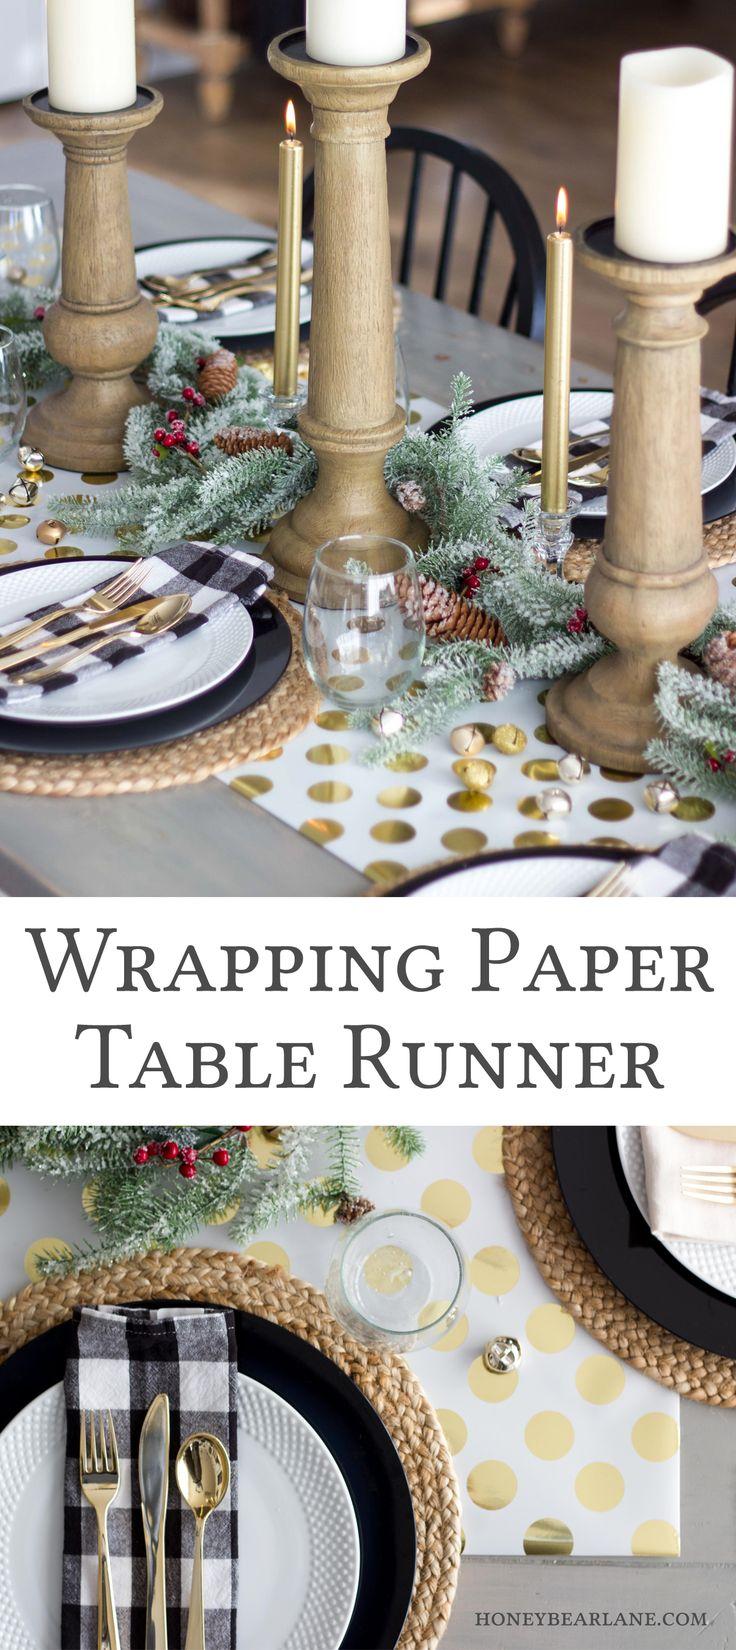 Best 25+ Paper table ideas on Pinterest | Friendsgiving ideas ...